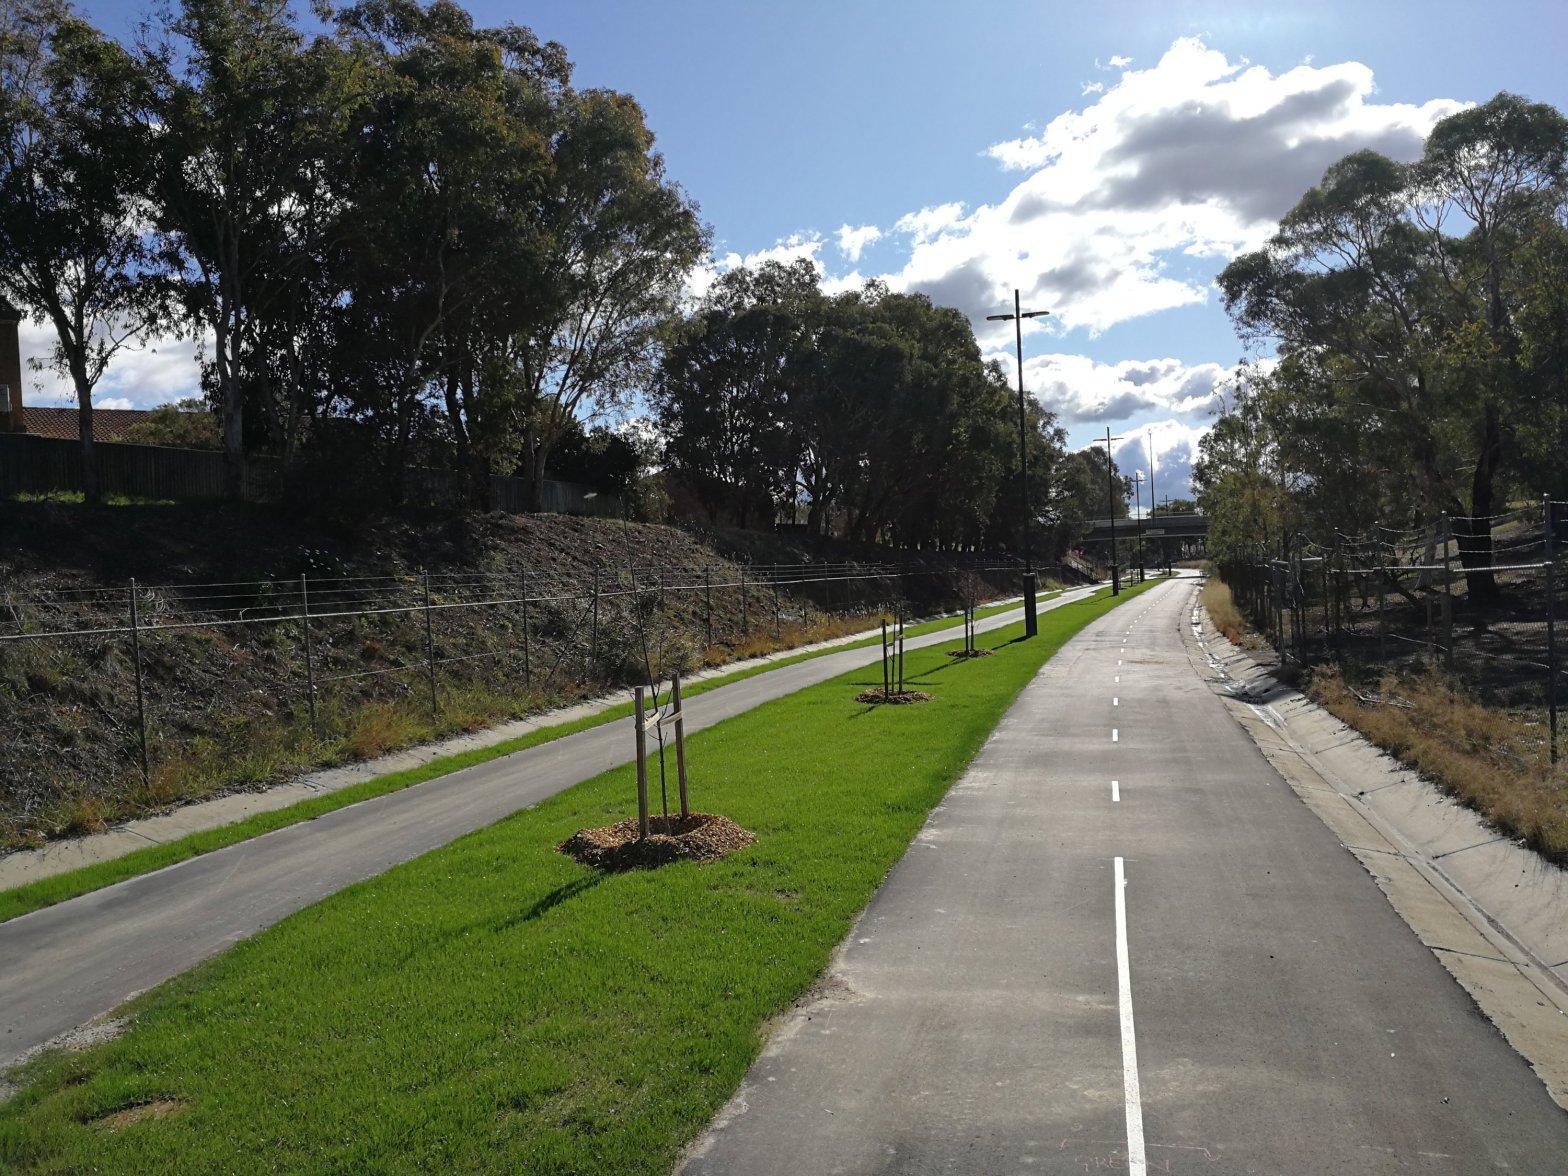 Main Community Route (MCR), Belconnen Bikeway, Belconnen, Canberra